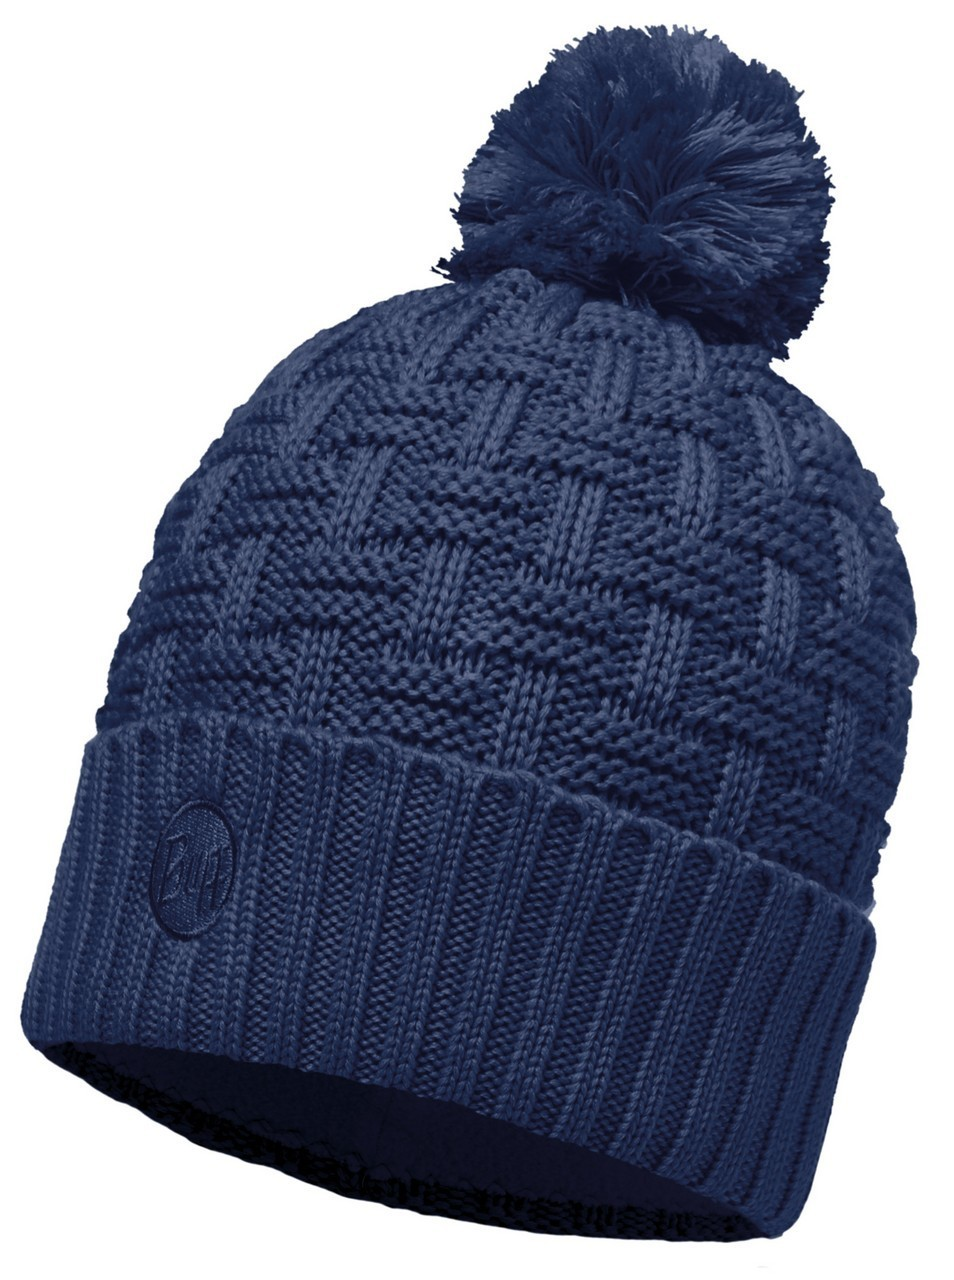 Шапки с отворотом Вязаная шапка с флисовой подкладкой Buff Airon Dark Denim 111021.766.10.00.jpg